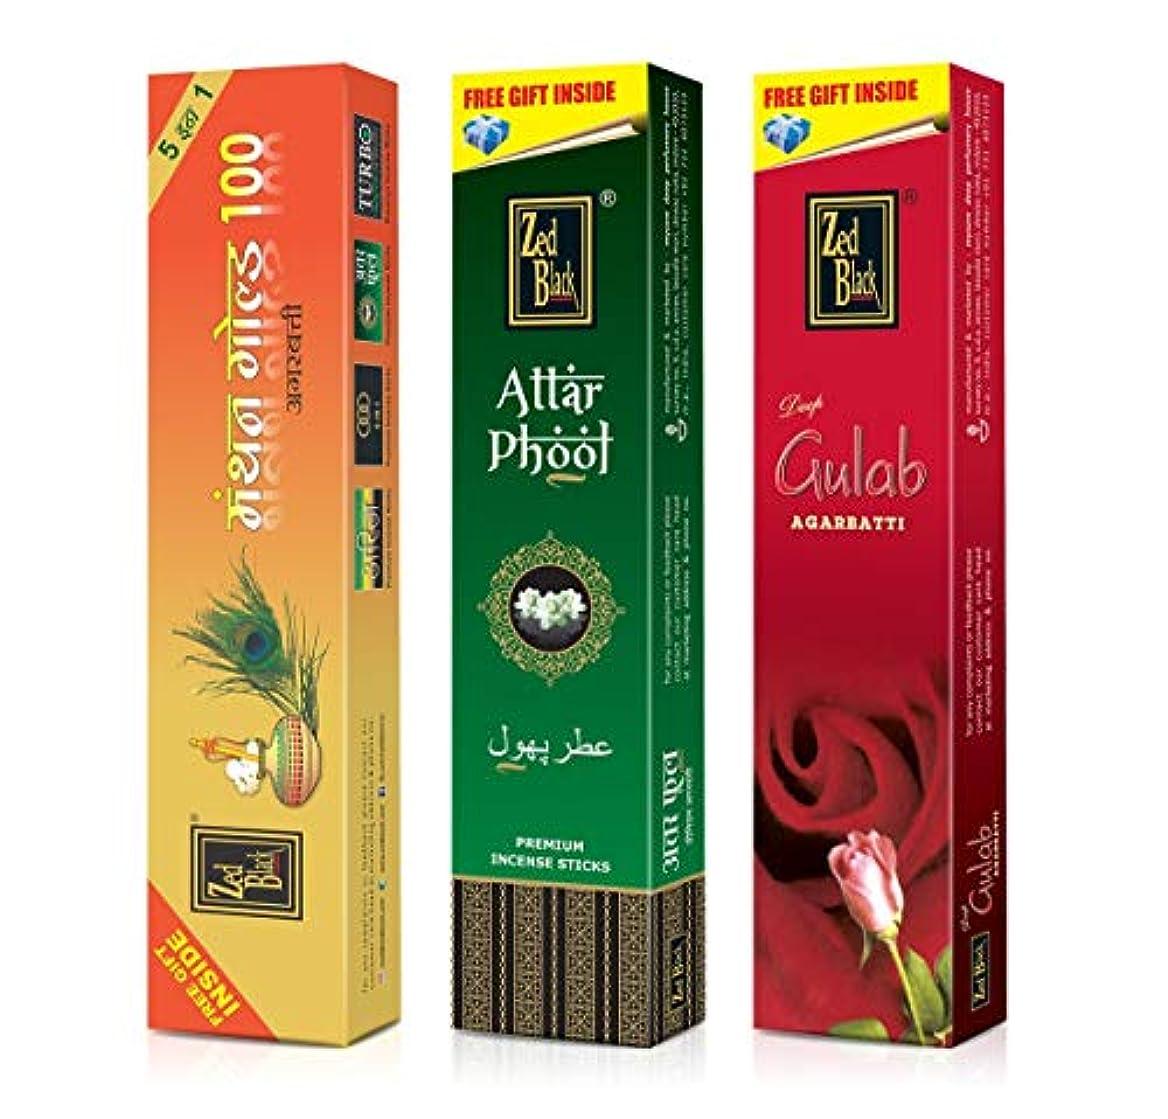 交渉するバーマド出発するZed Black Incense Sticks Combo of Manthan Gold 100, Attar Phool & Deep Gulab